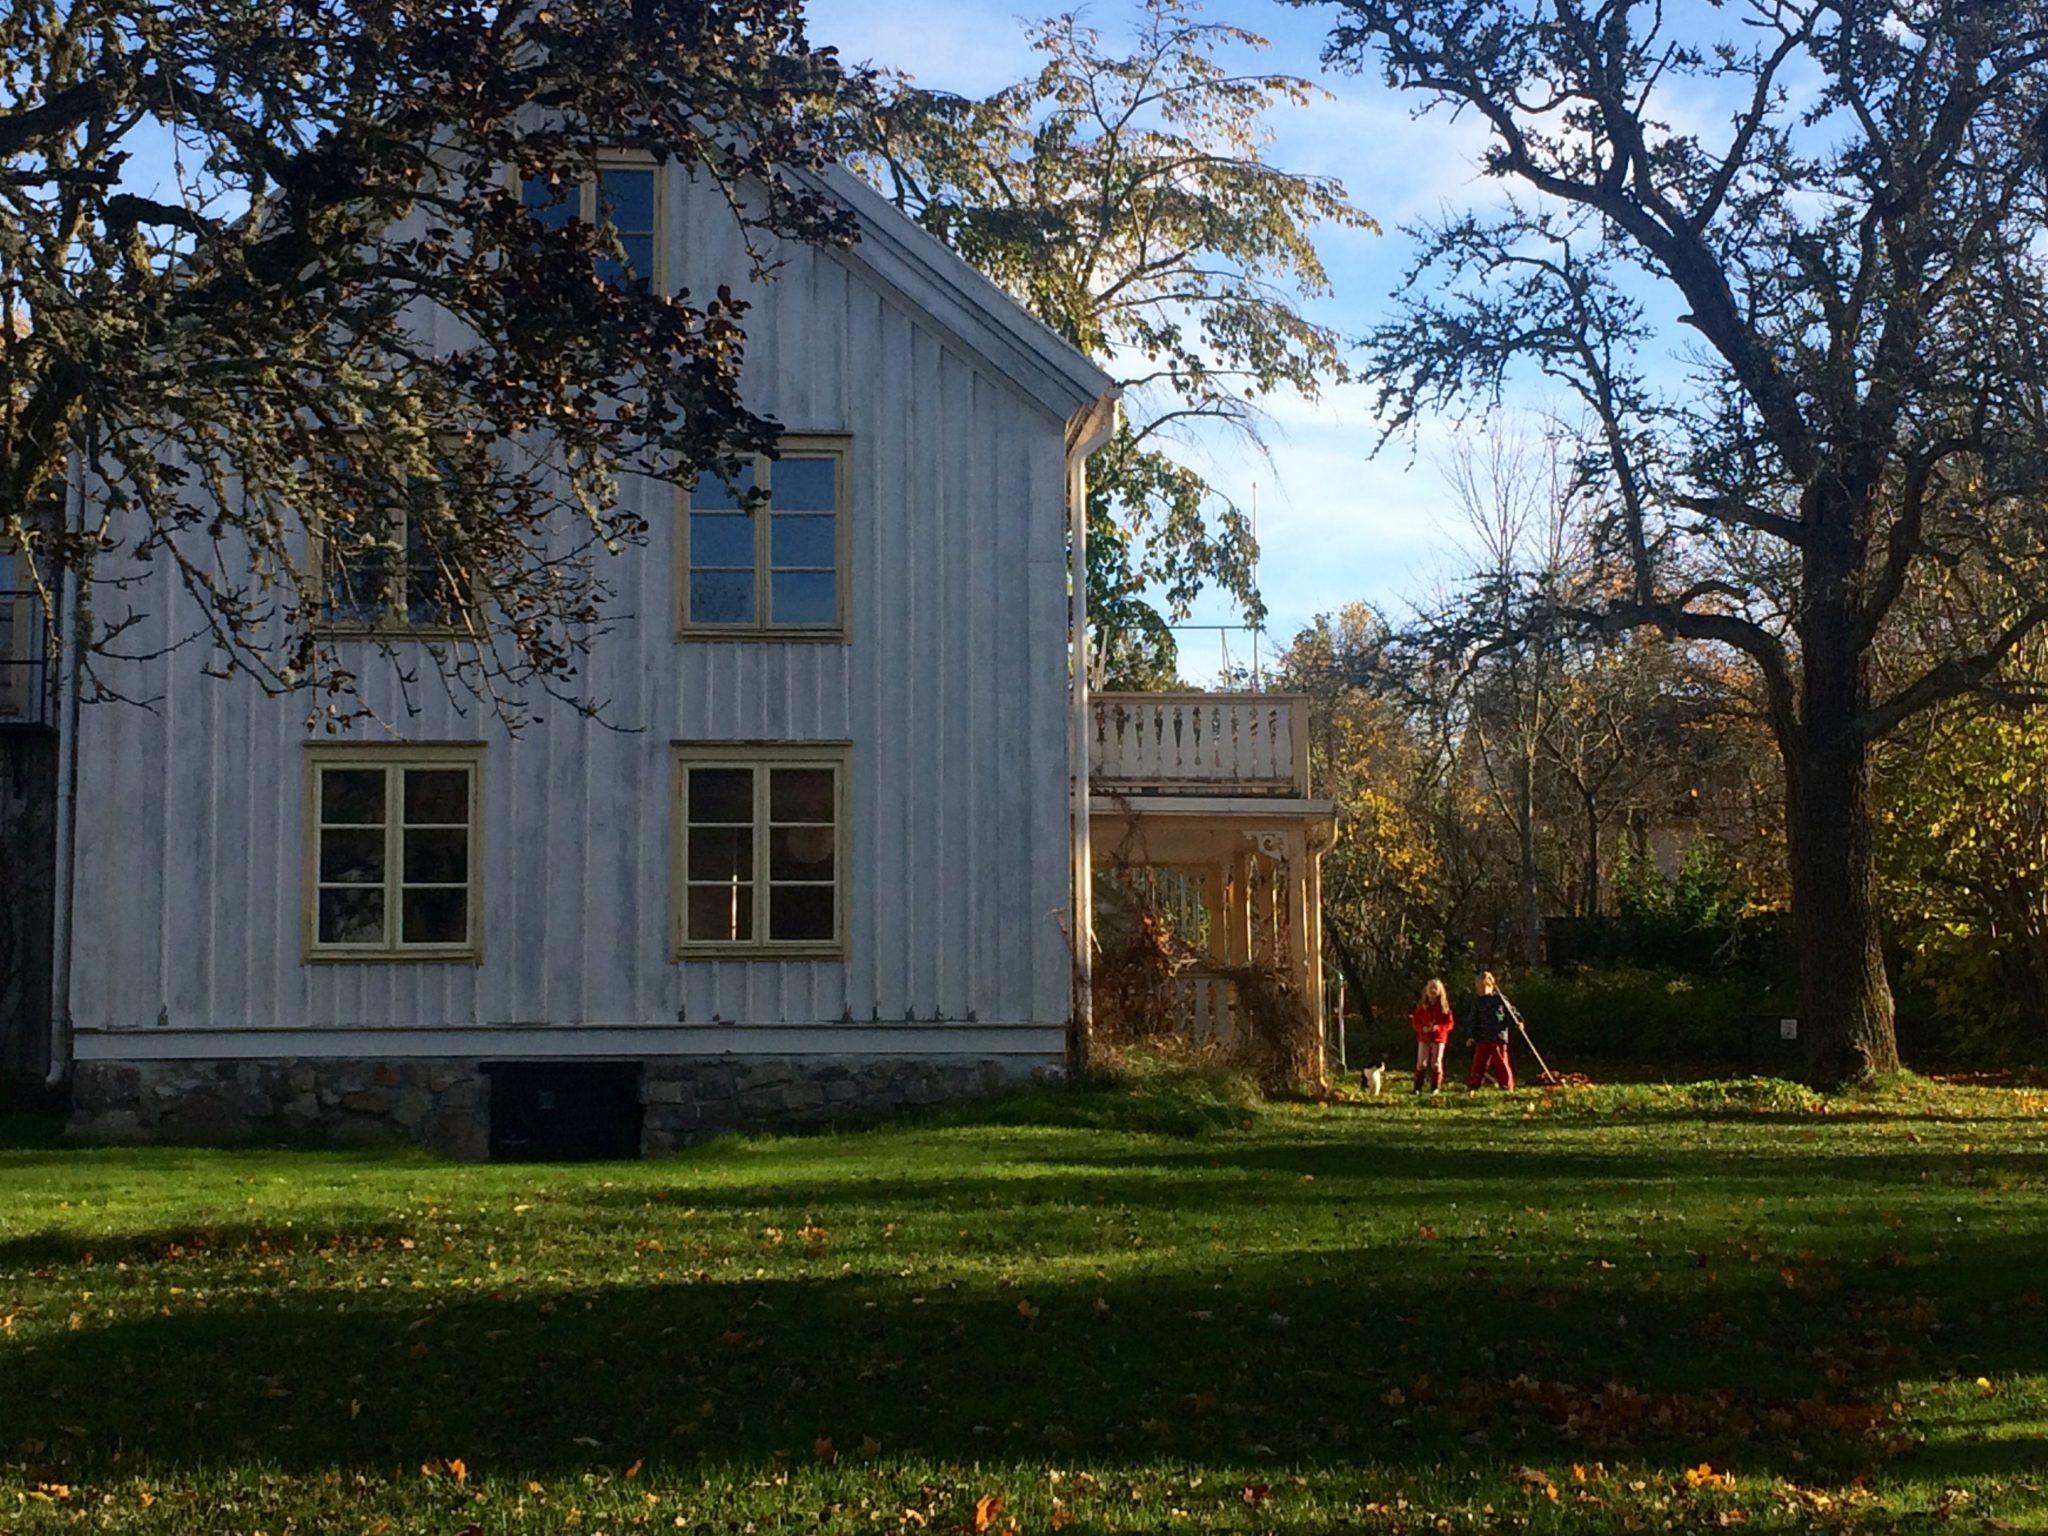 Ingebo Hagar Astrid Lindgren Ronja Räubertochter Schweden Smaland Michel Lönneberga Vimmerby Familienurlaub reisen mit Kindern